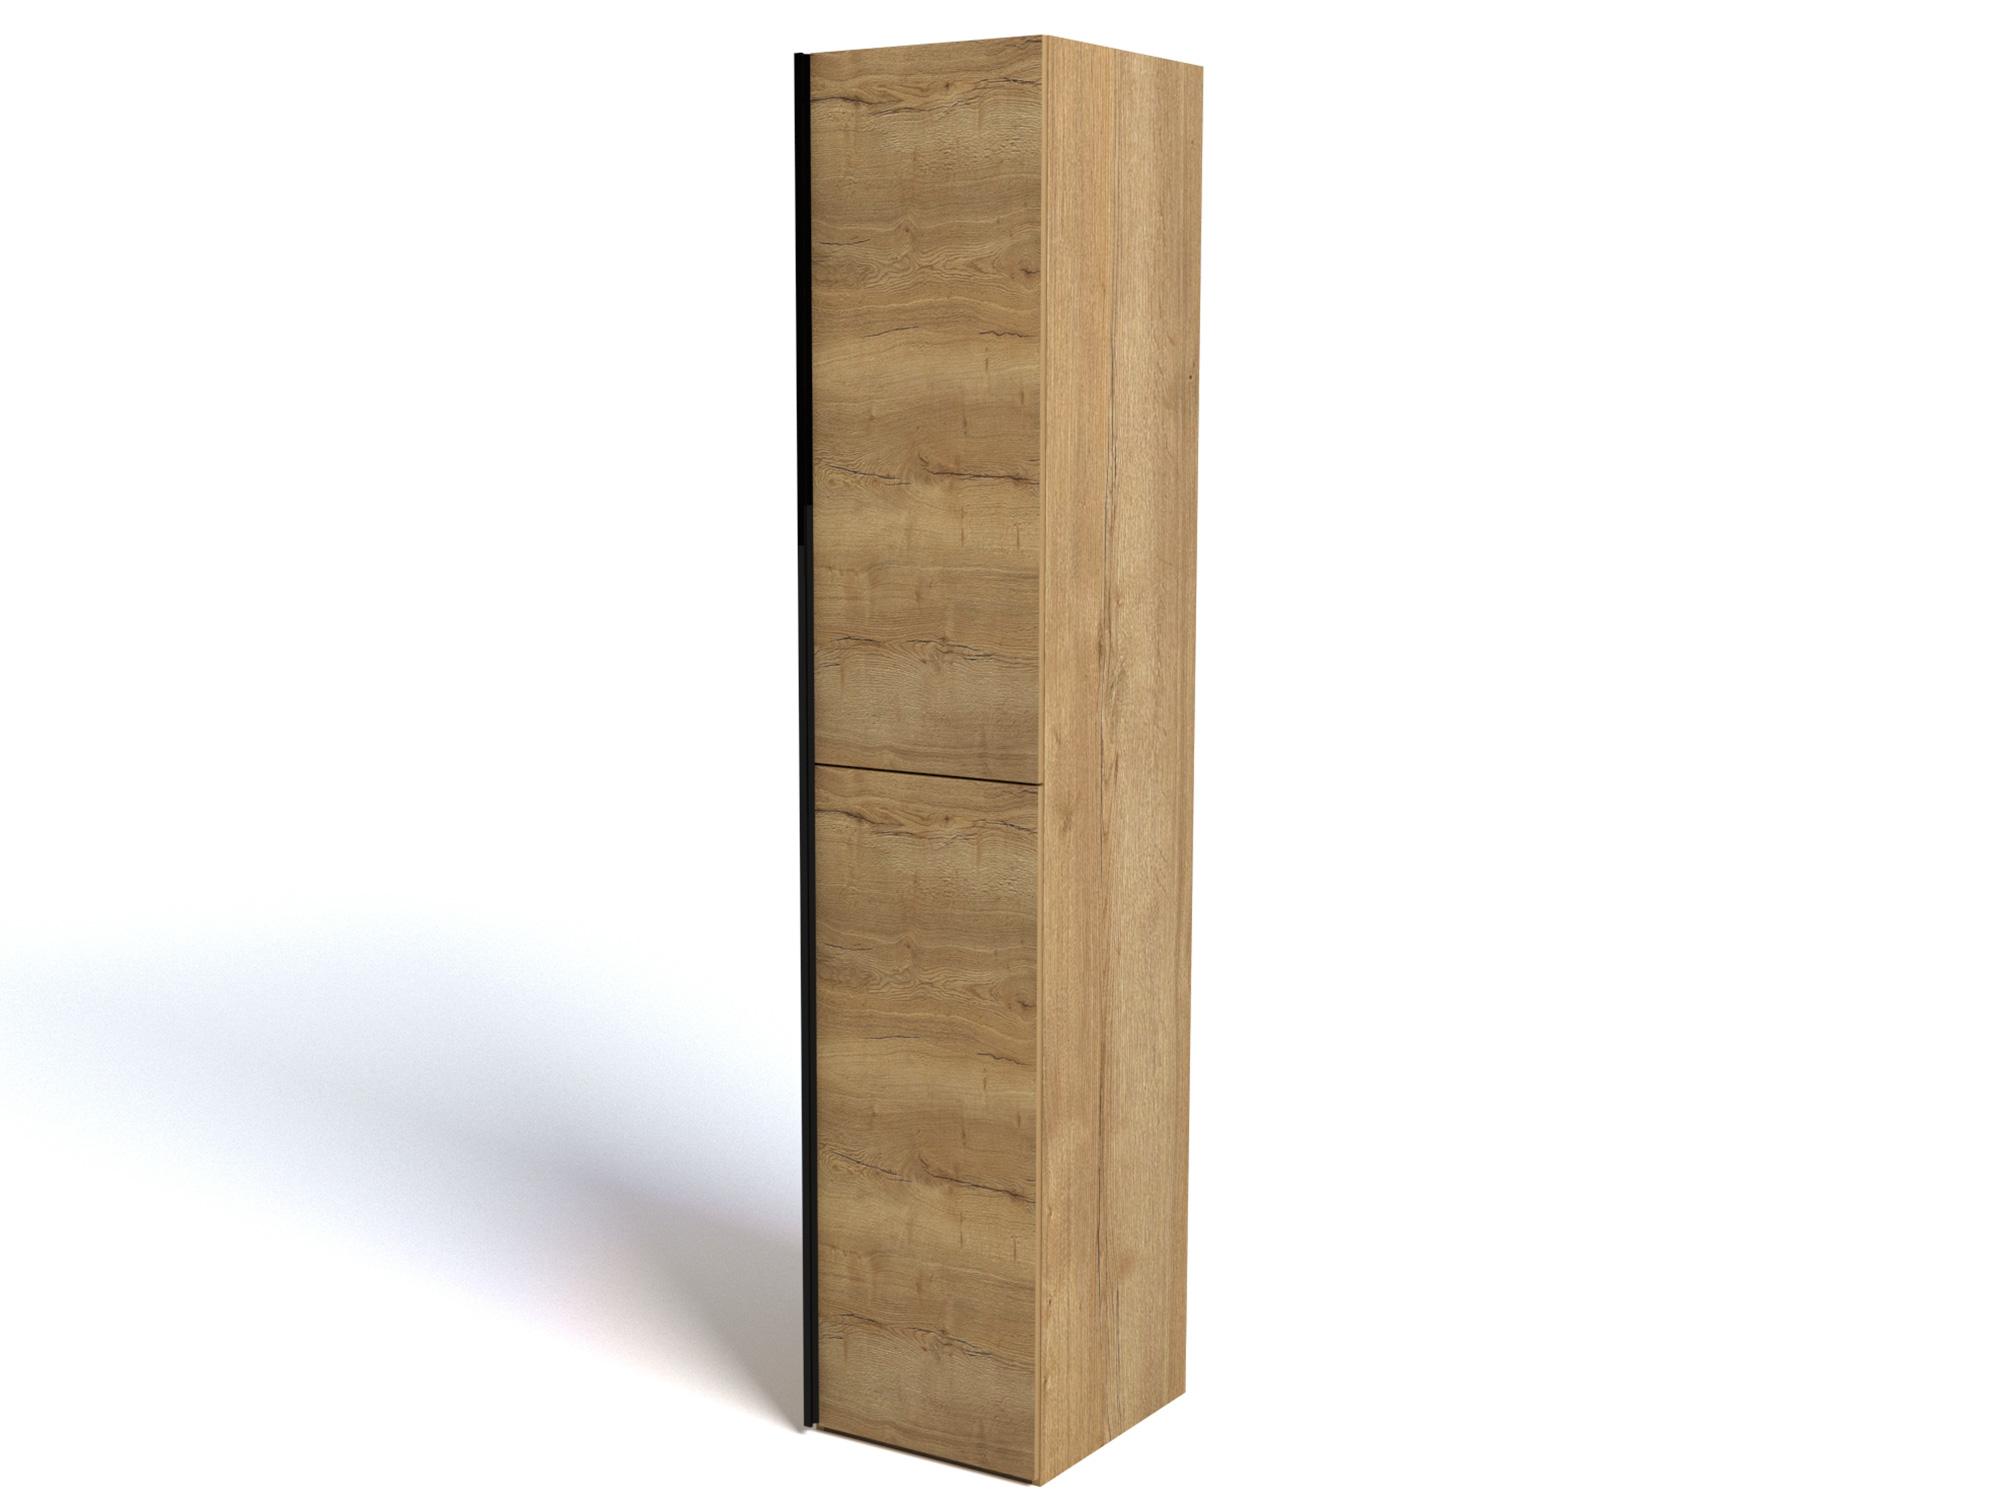 Фото - Шкаф однодверный Стреза Дуб Галифакс натуральный, Бетон чикаго шкаф однодверный стреза дуб галифакс натуральный бетон чикаго